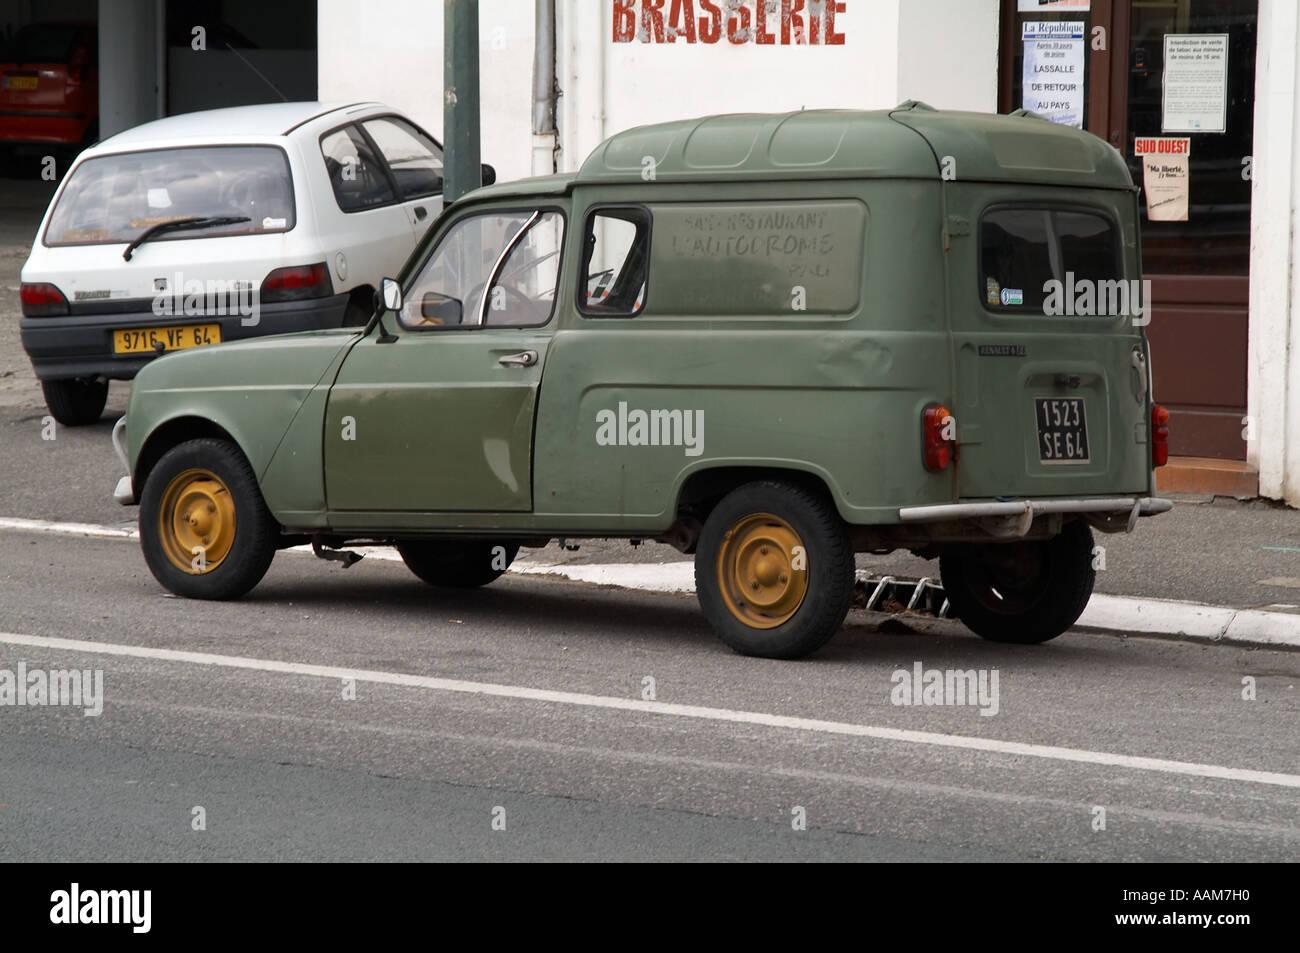 Cheap Car Stock Photos & Cheap Car Stock Images - Alamy